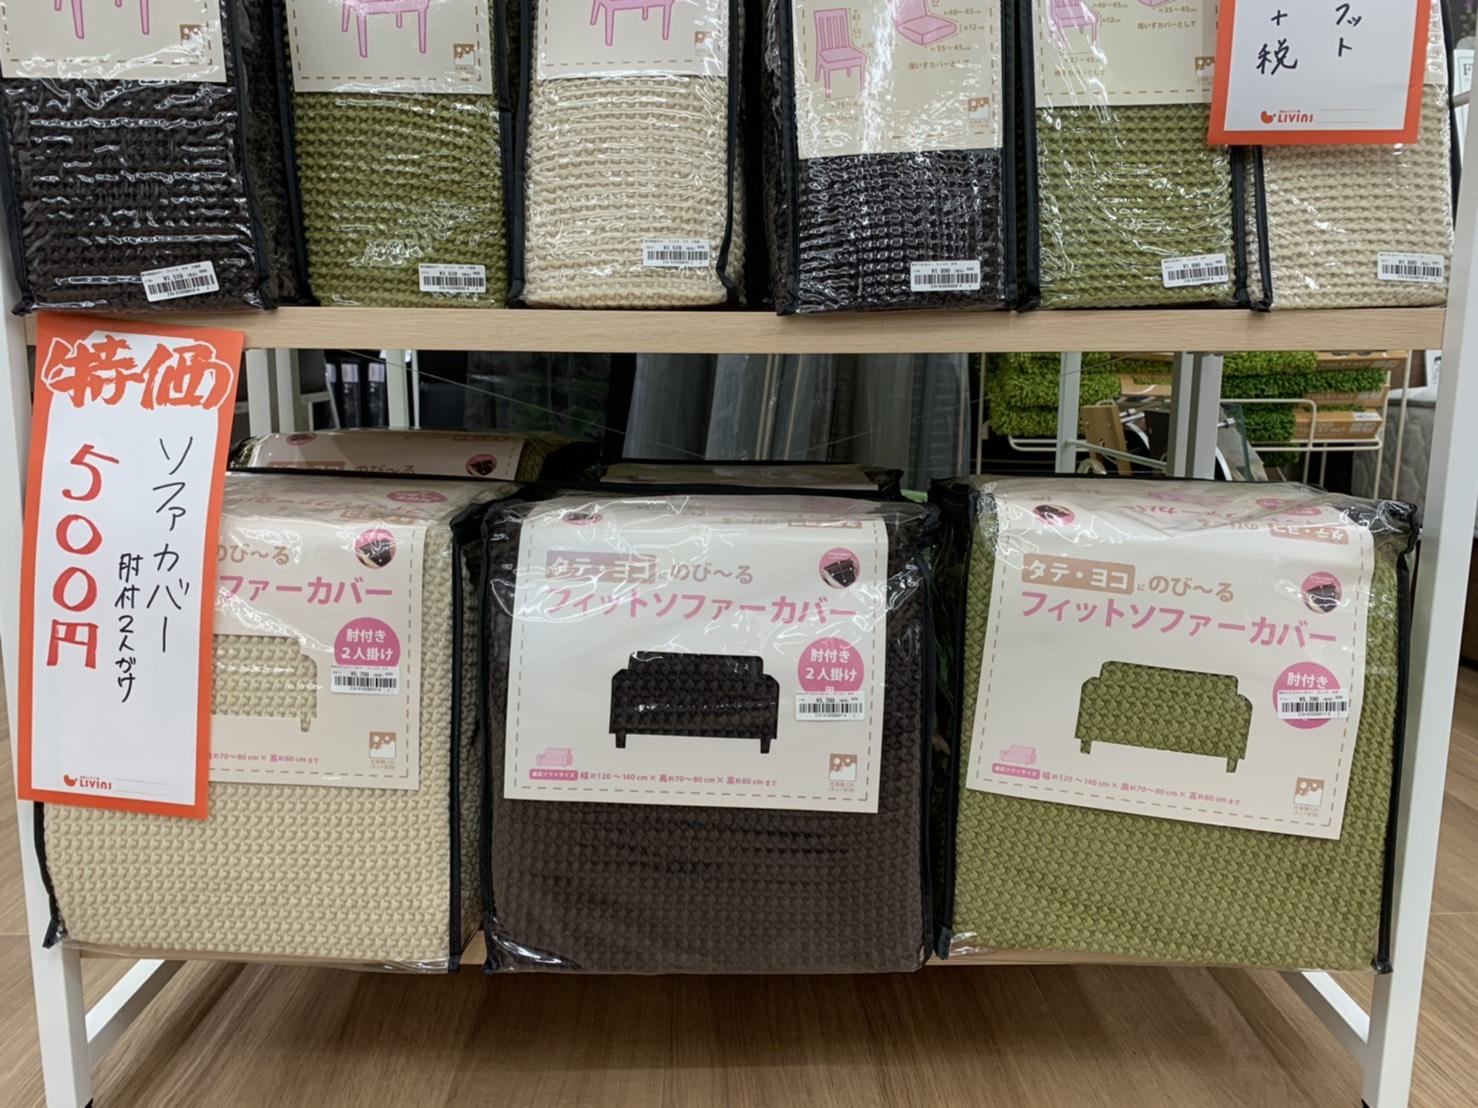 ソファーカバーが500円とチェアや座椅子カバーが100円の画像